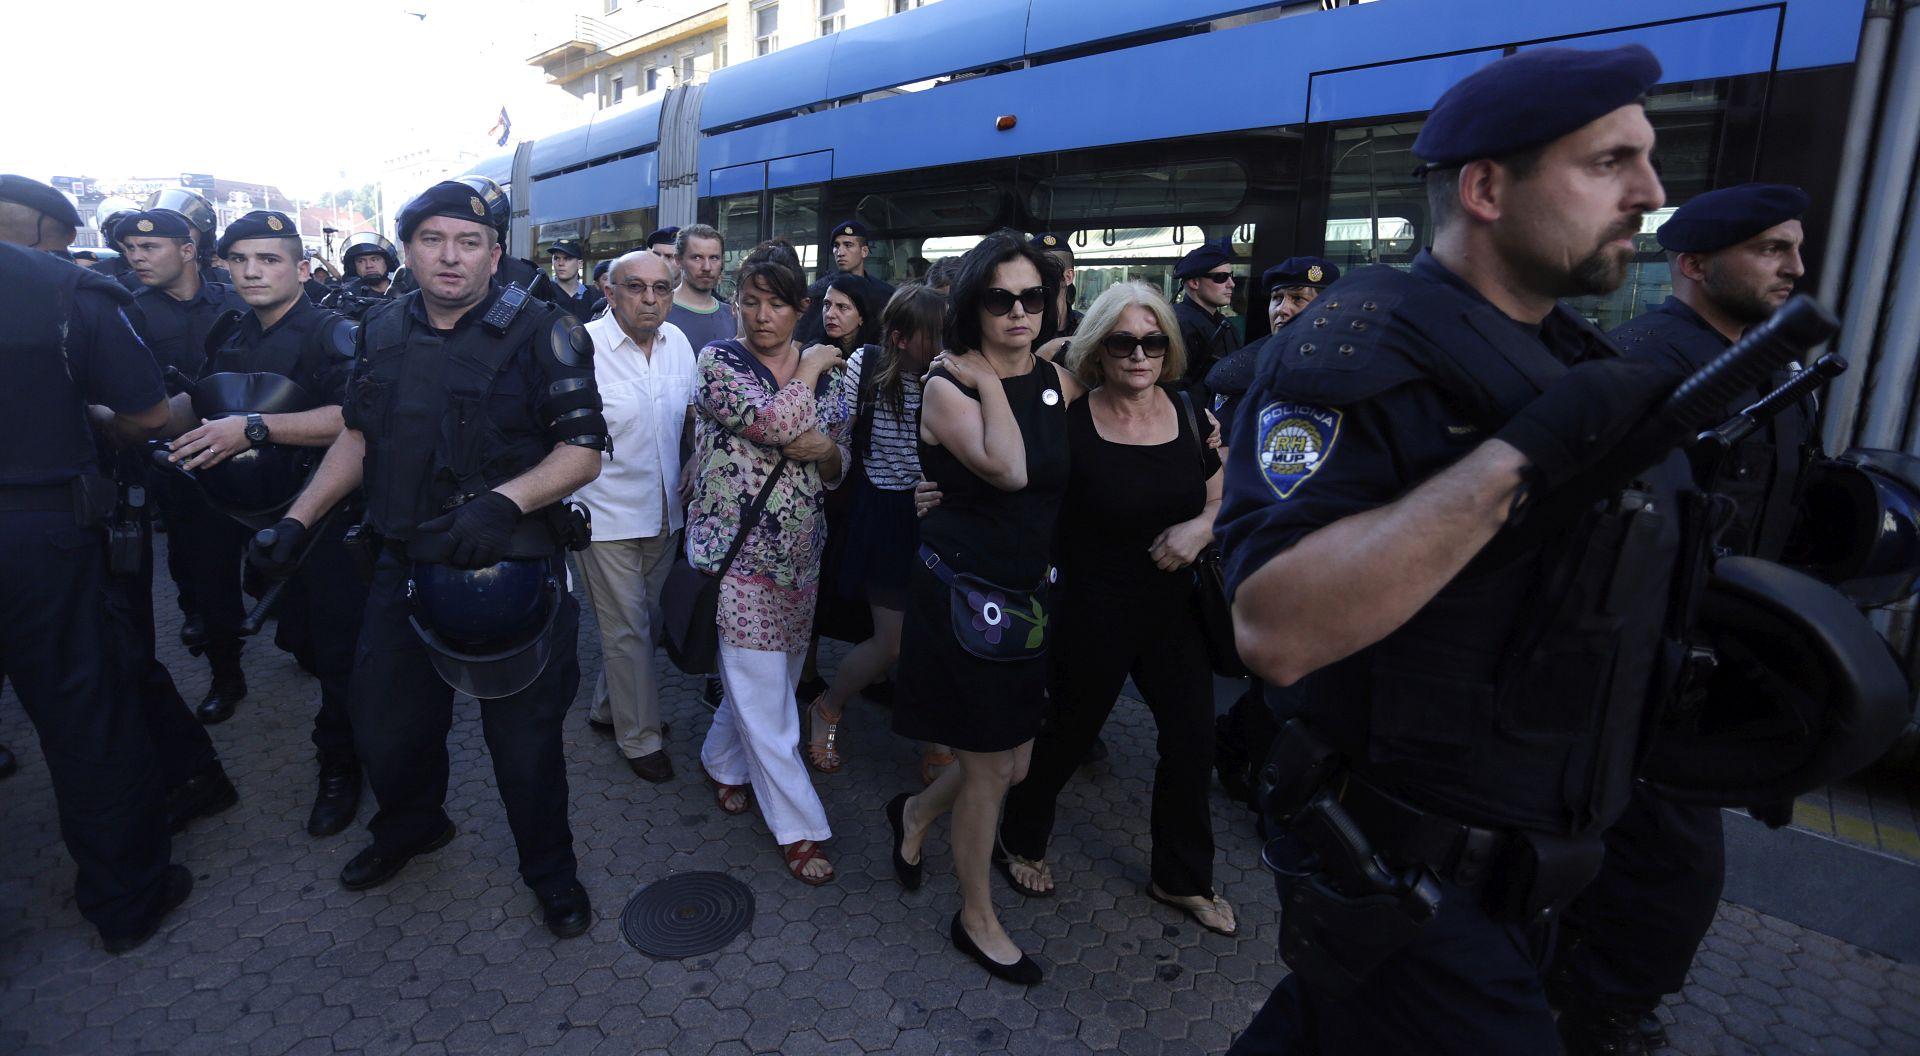 Ženska mreža Hrvatske traži od DORH-a postupanje zbog uvreda i prijetnji tijekom antiratne akcije